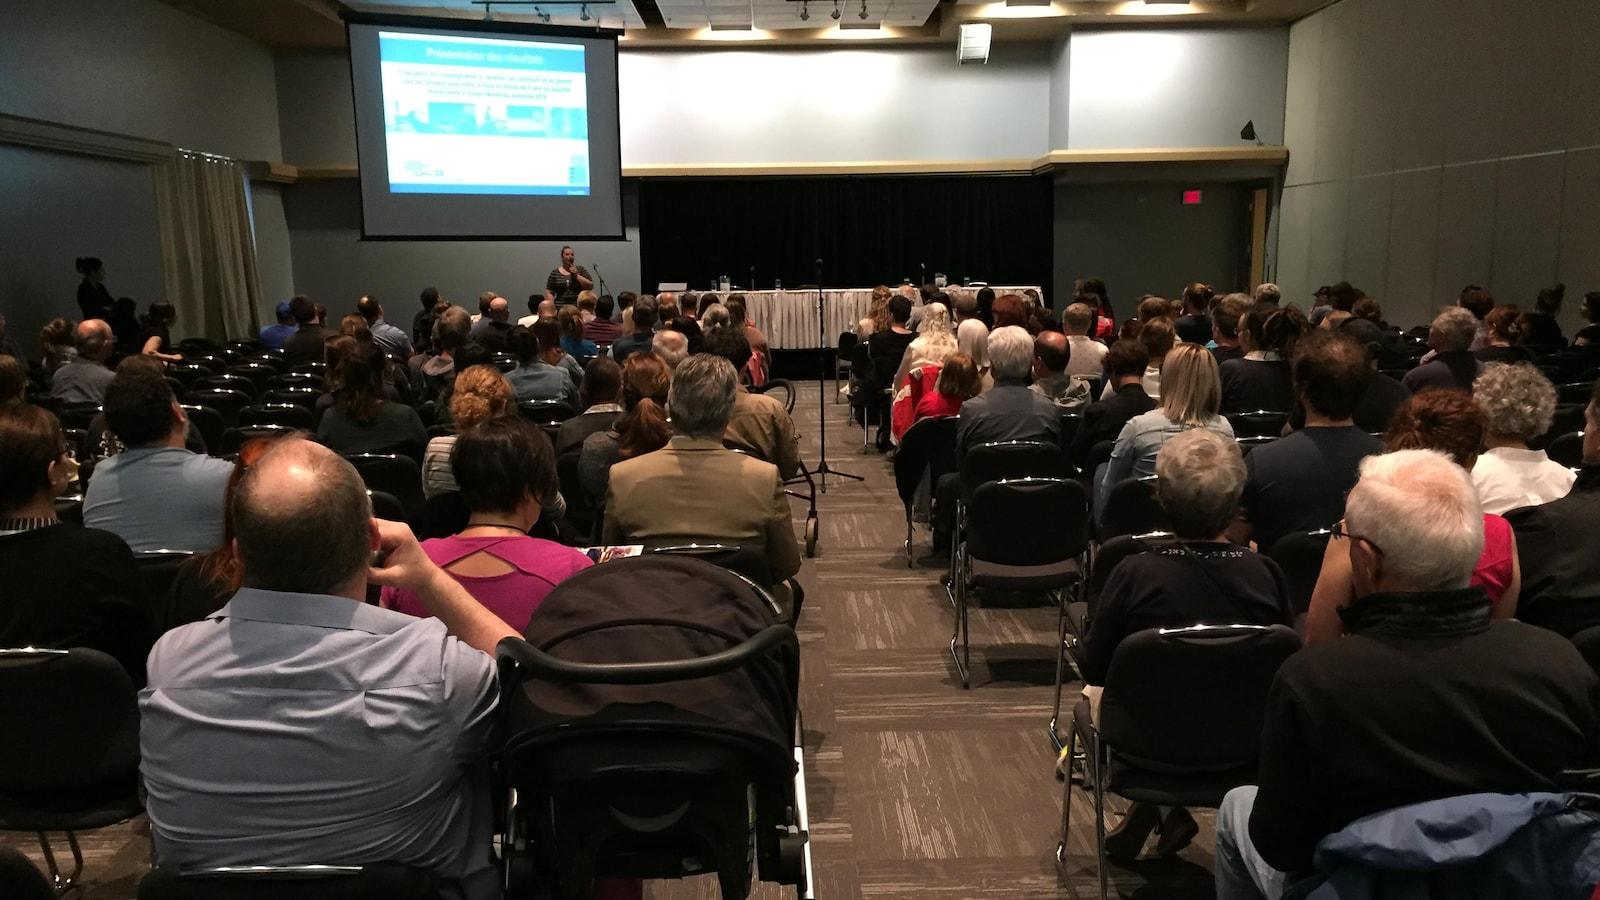 Plusieurs dizaines de citoyens écoutent une présentation dans une salle de congrès.